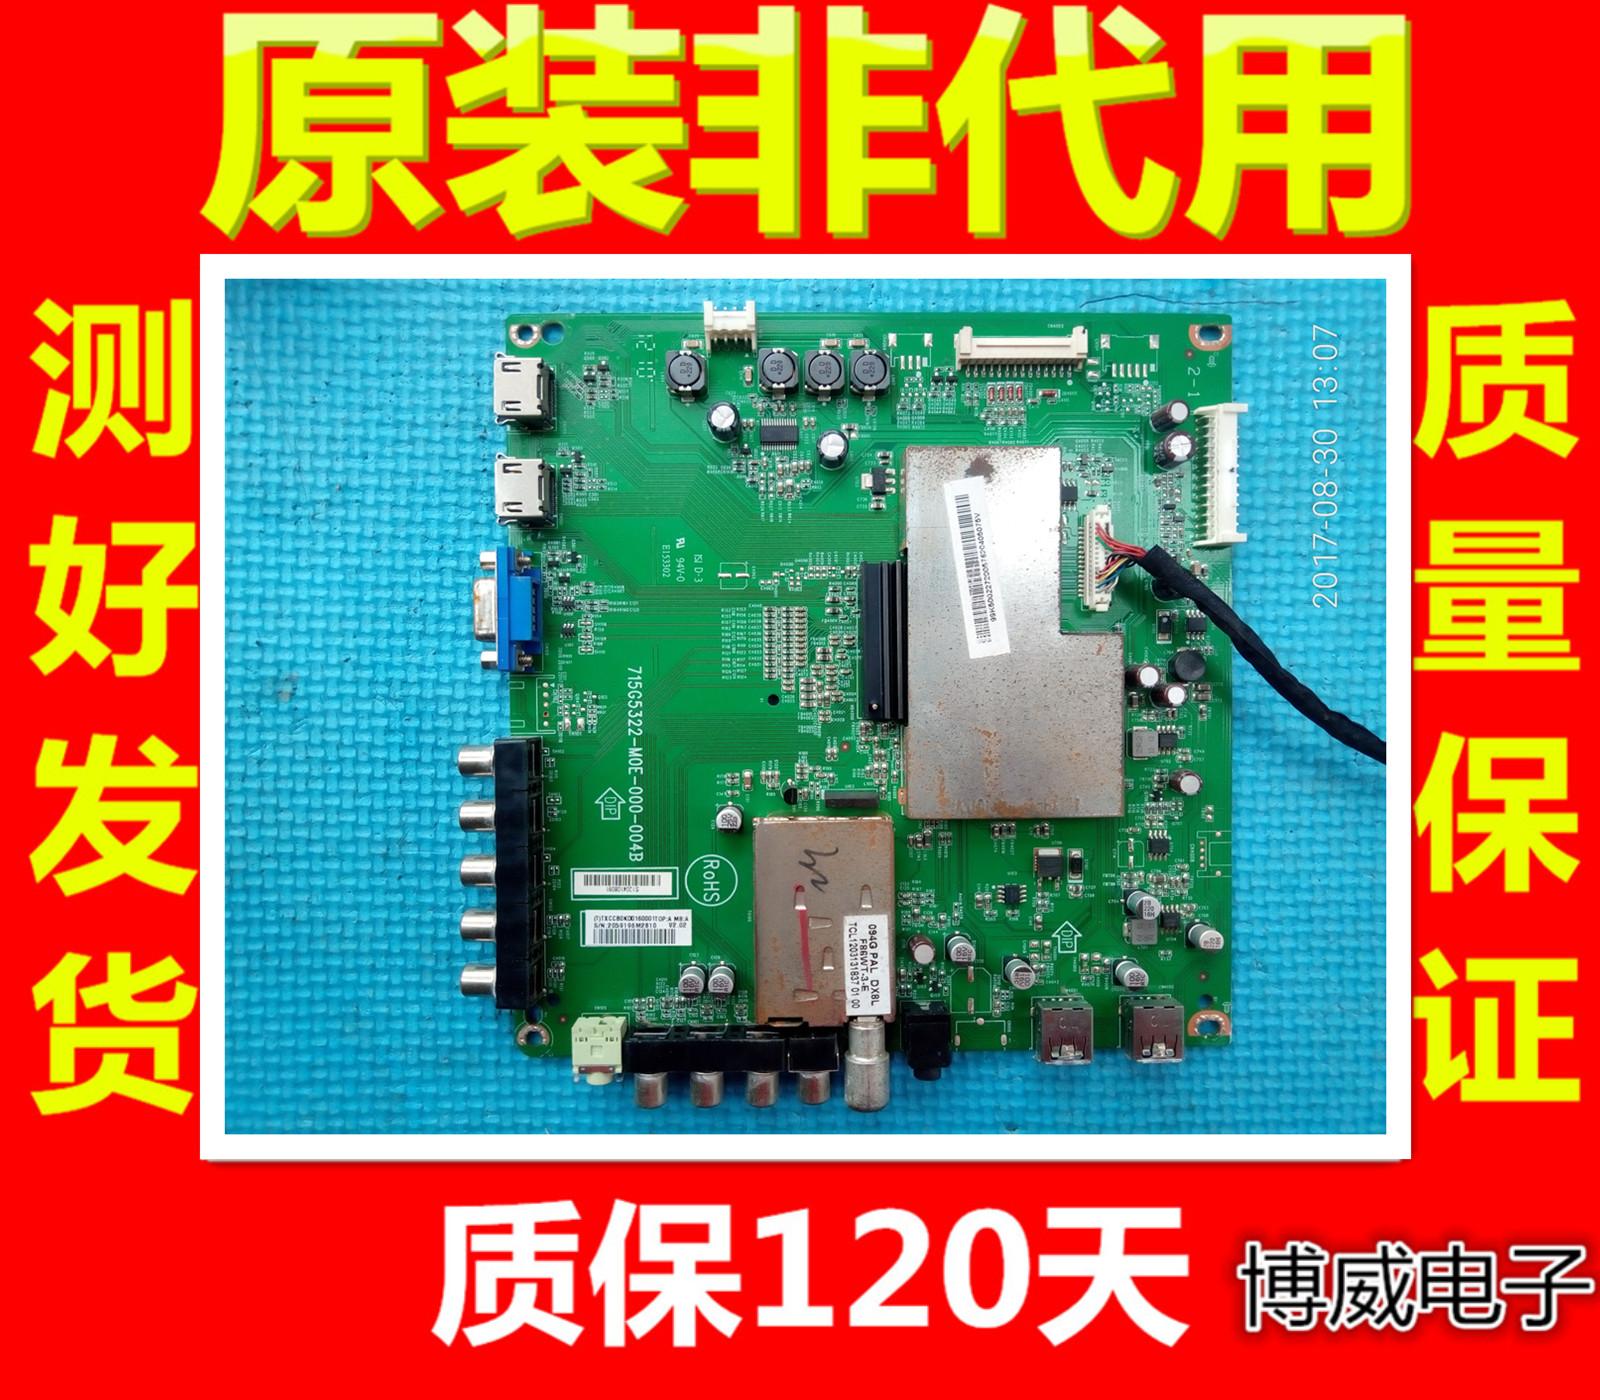 32 pouces de télévision à écran plat à cristaux liquides Changhong LT32920EV entraîné par un mouvement de la carte - mère d'alimentation intégré RY165